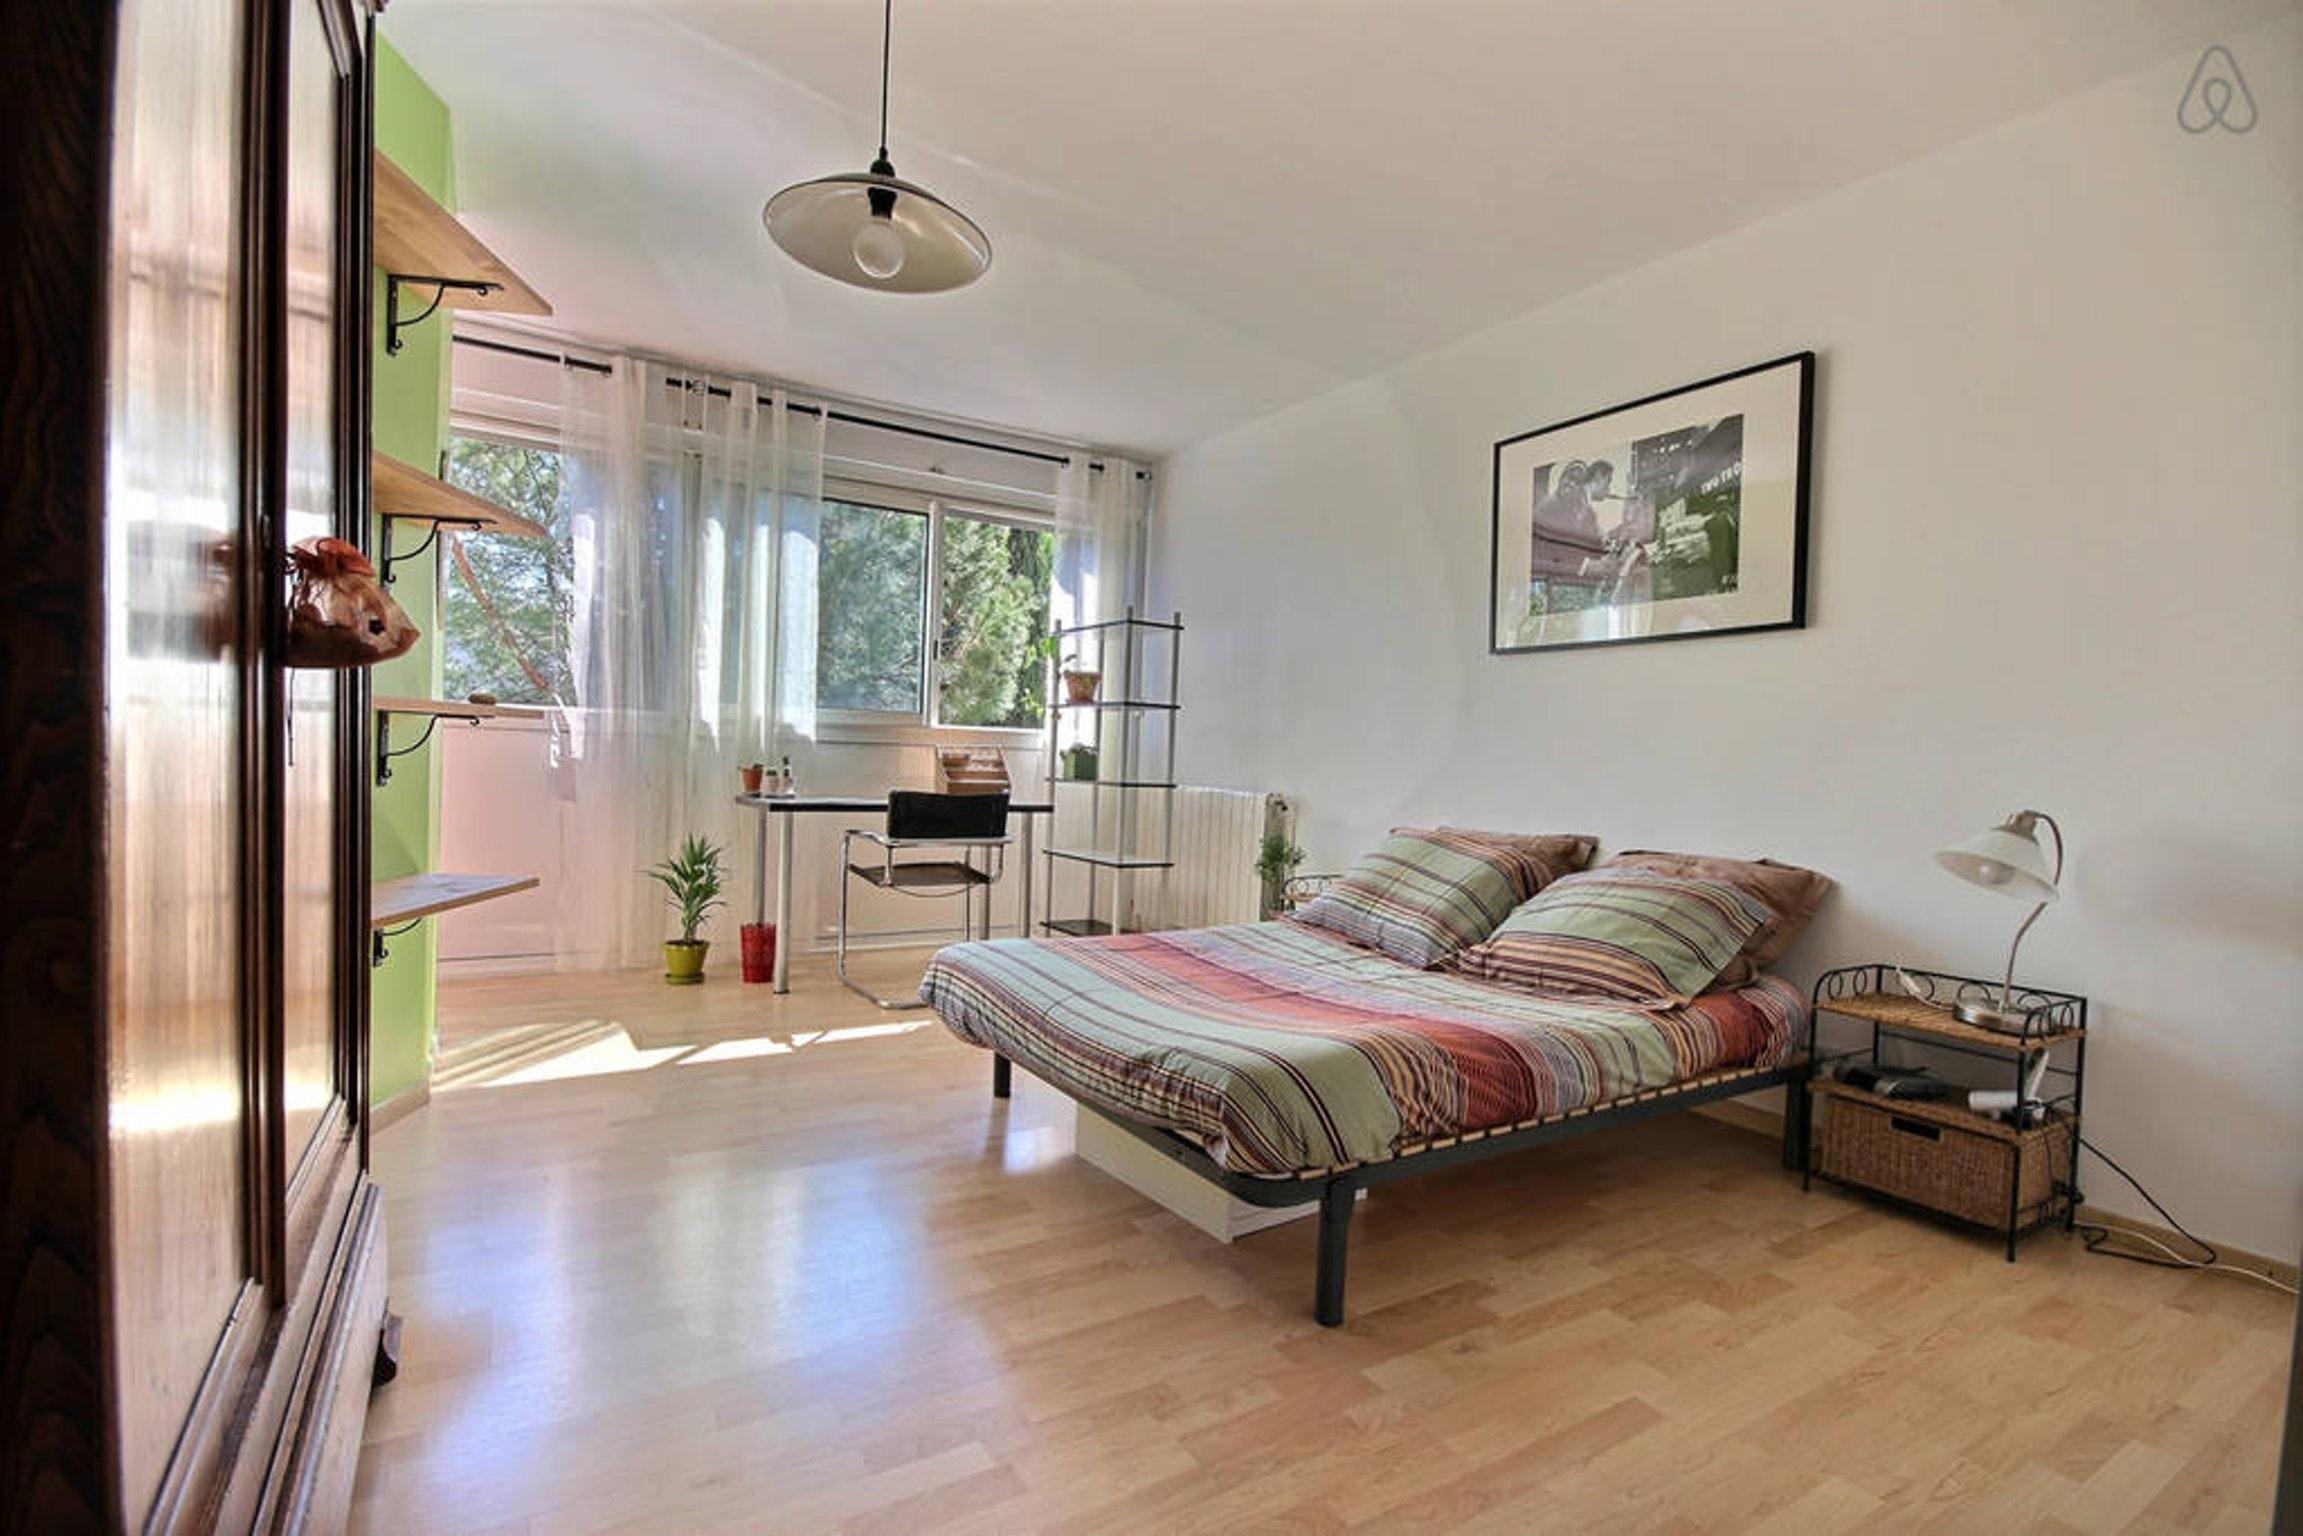 Ferienwohnung Wohnung mit 2 Zimmern in Montpellier mit möblierter Terrasse und W-LAN - 15 km vom Strand  (2351209), Montpellier, Mittelmeerküste Hérault, Languedoc-Roussillon, Frankreich, Bild 6